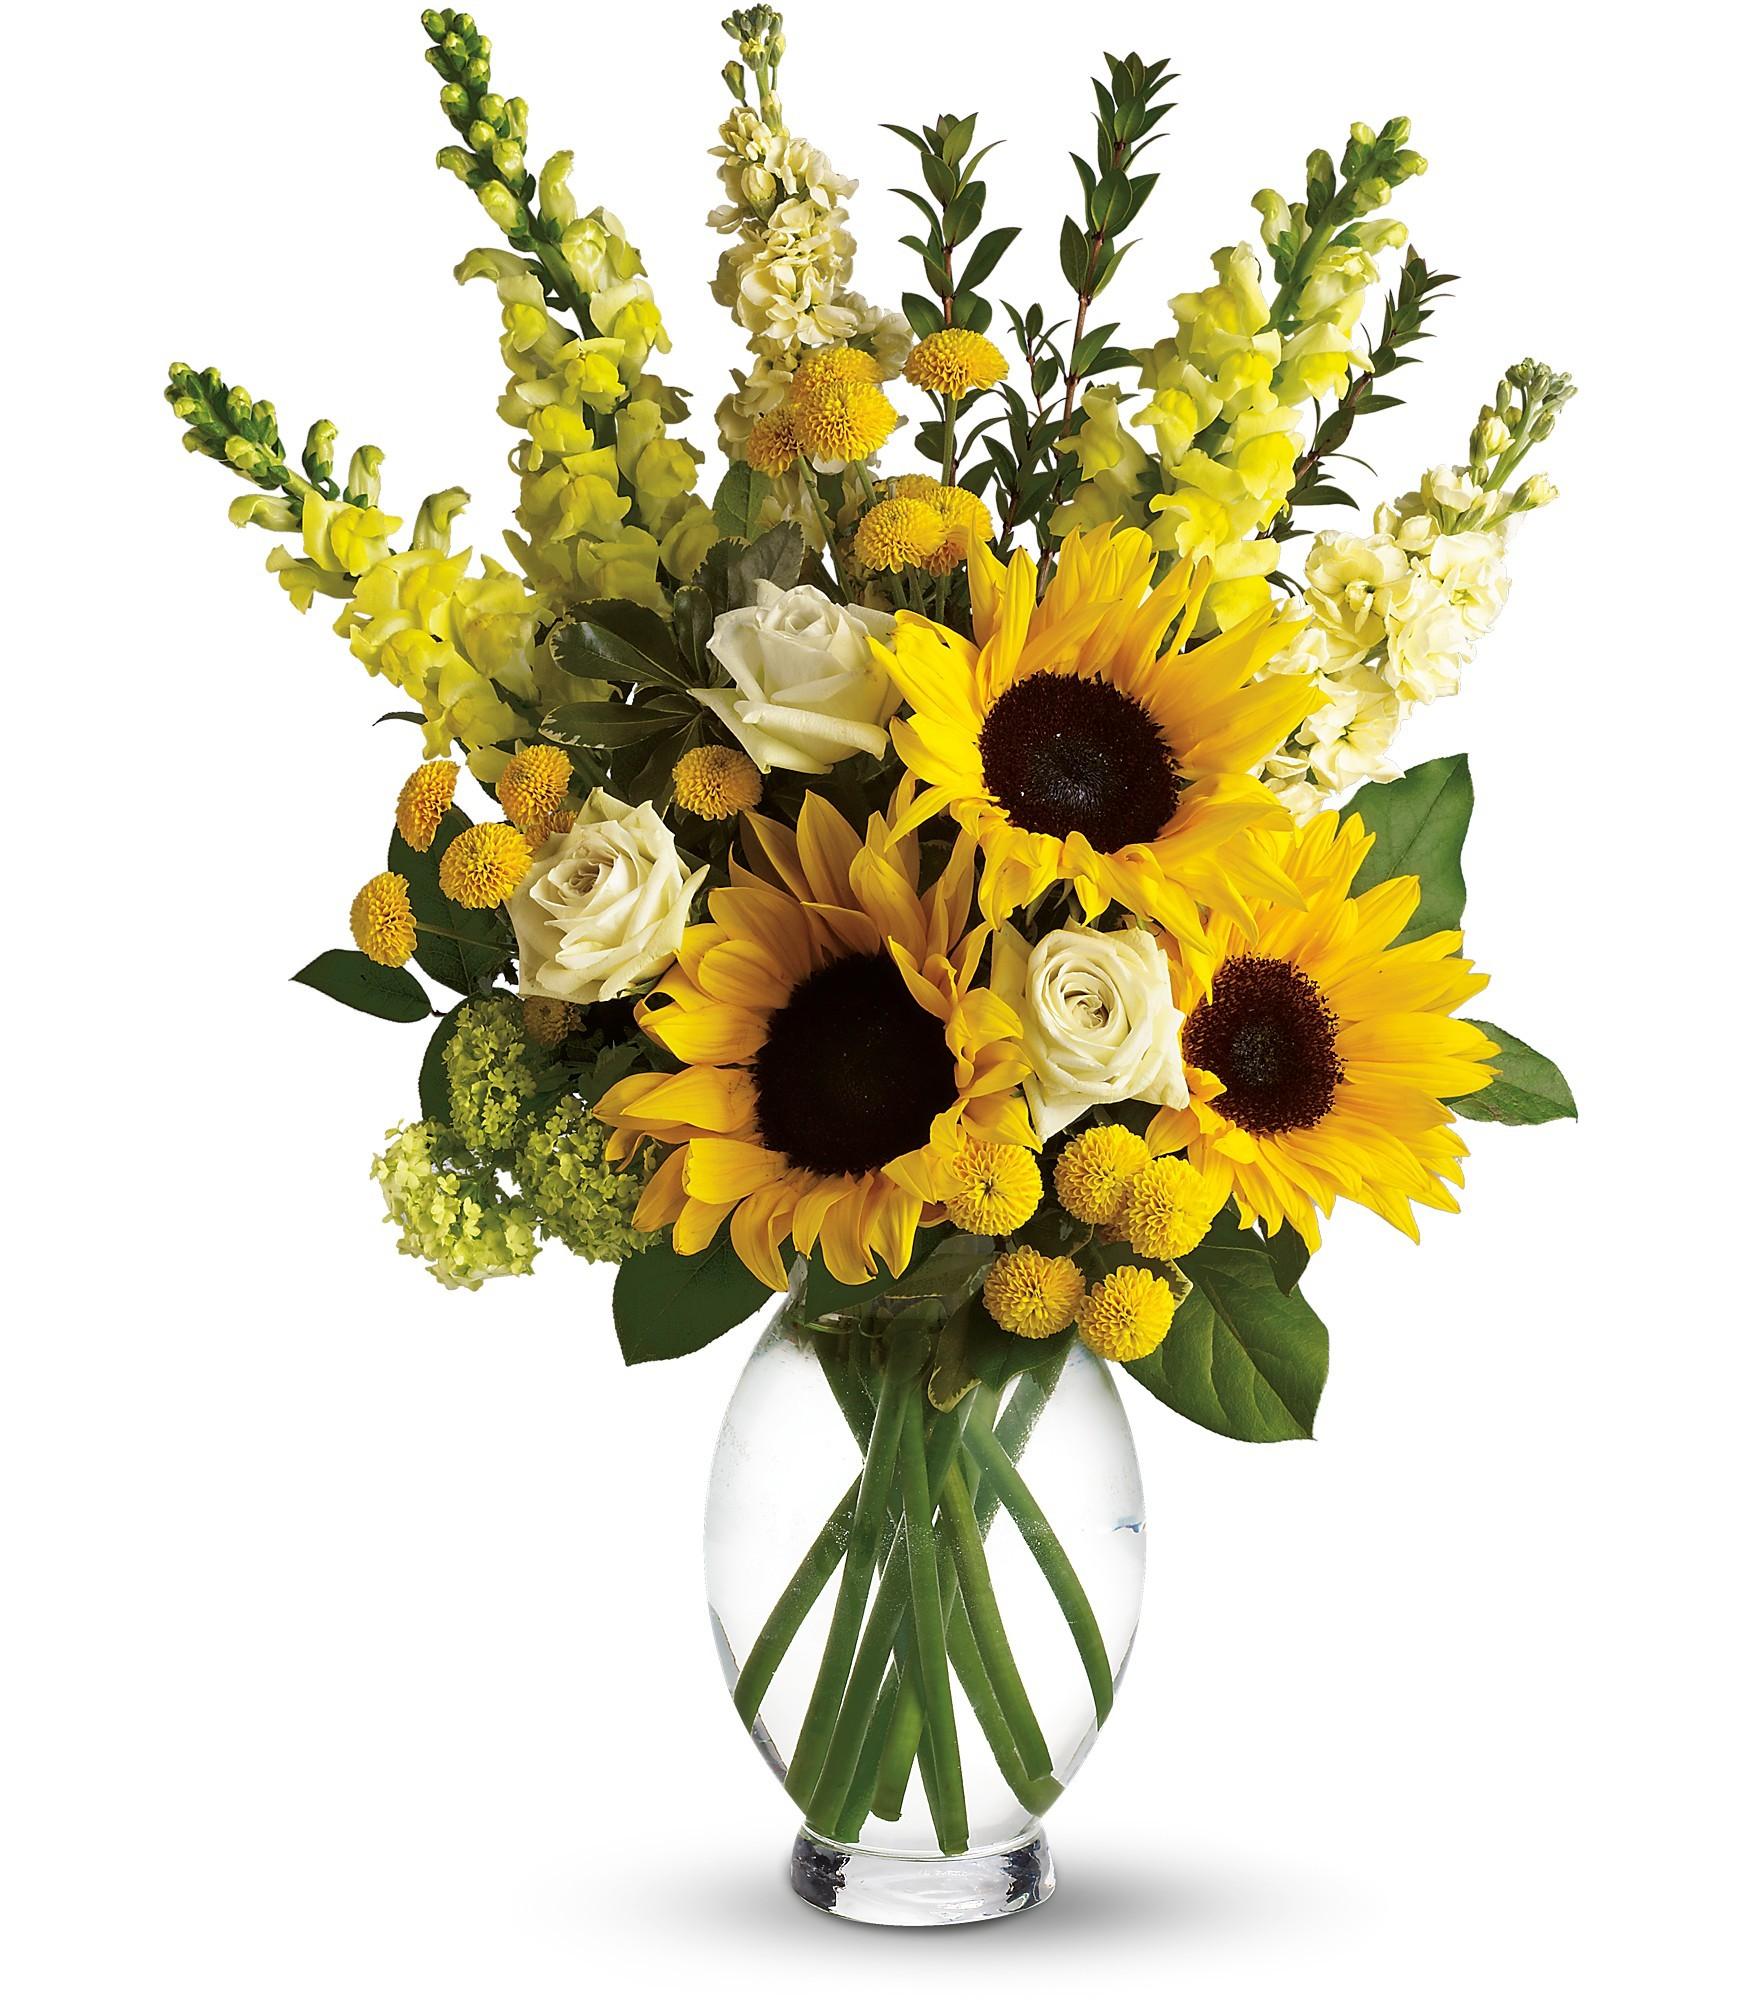 Fall flower arrangement bouquet ideas from high point